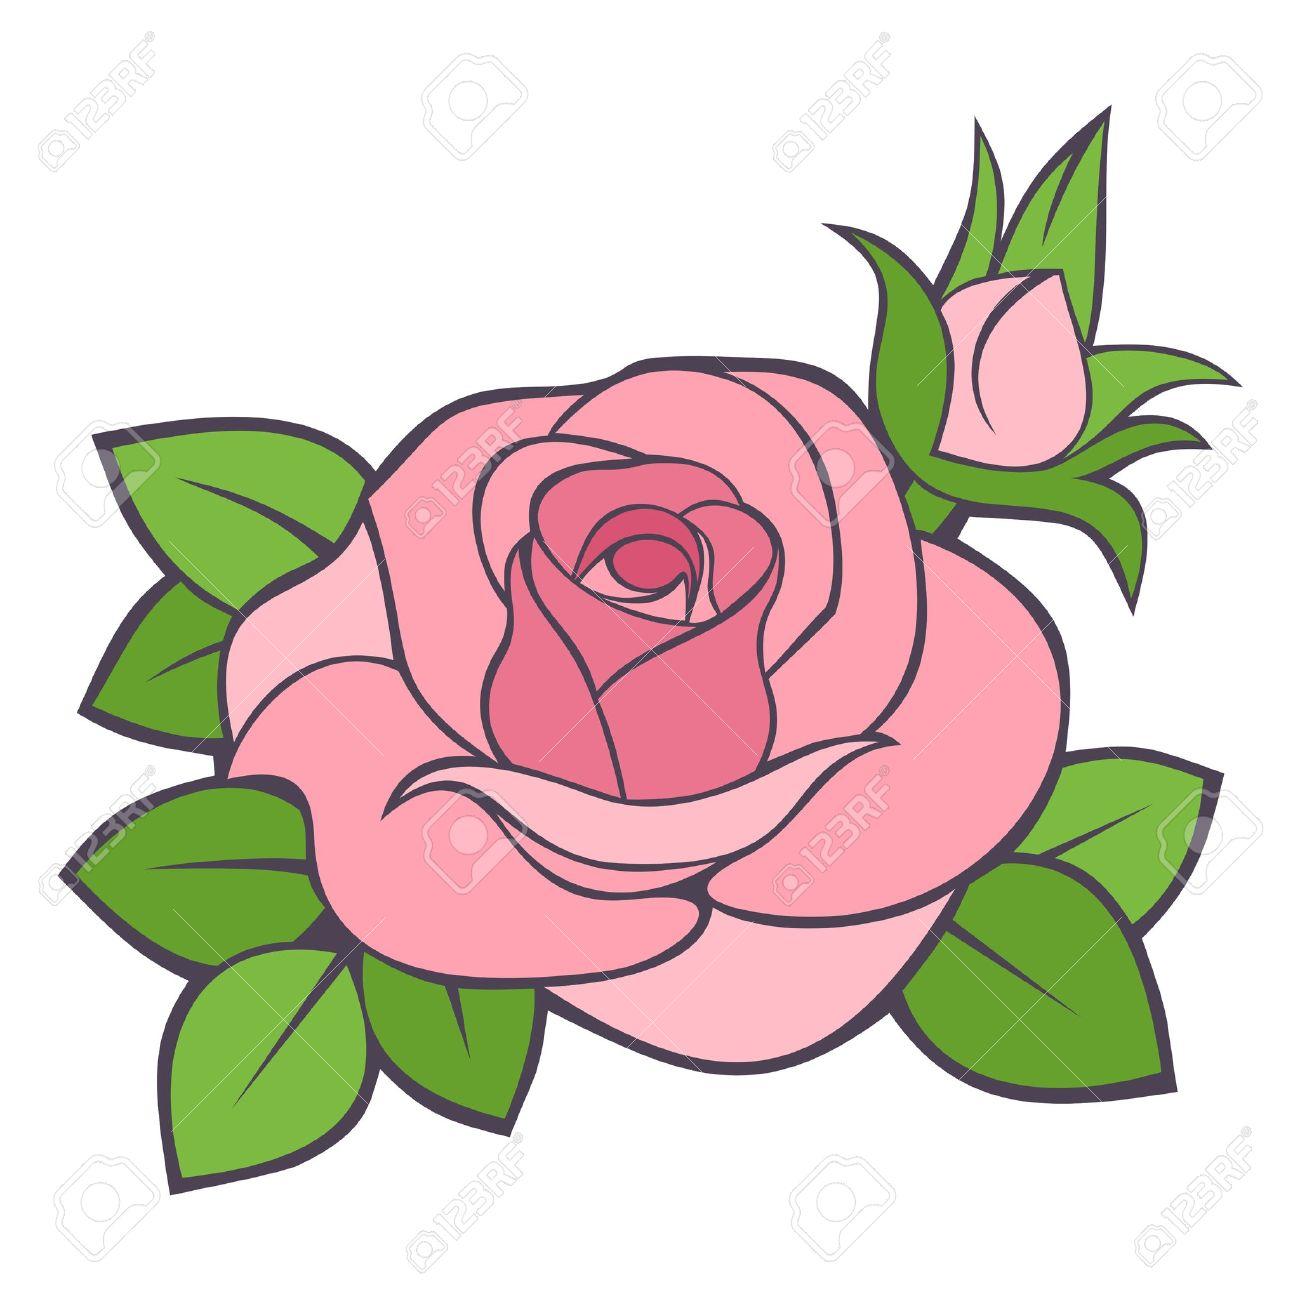 ピンクのバライラストのイラスト素材ベクタ Image 19047924